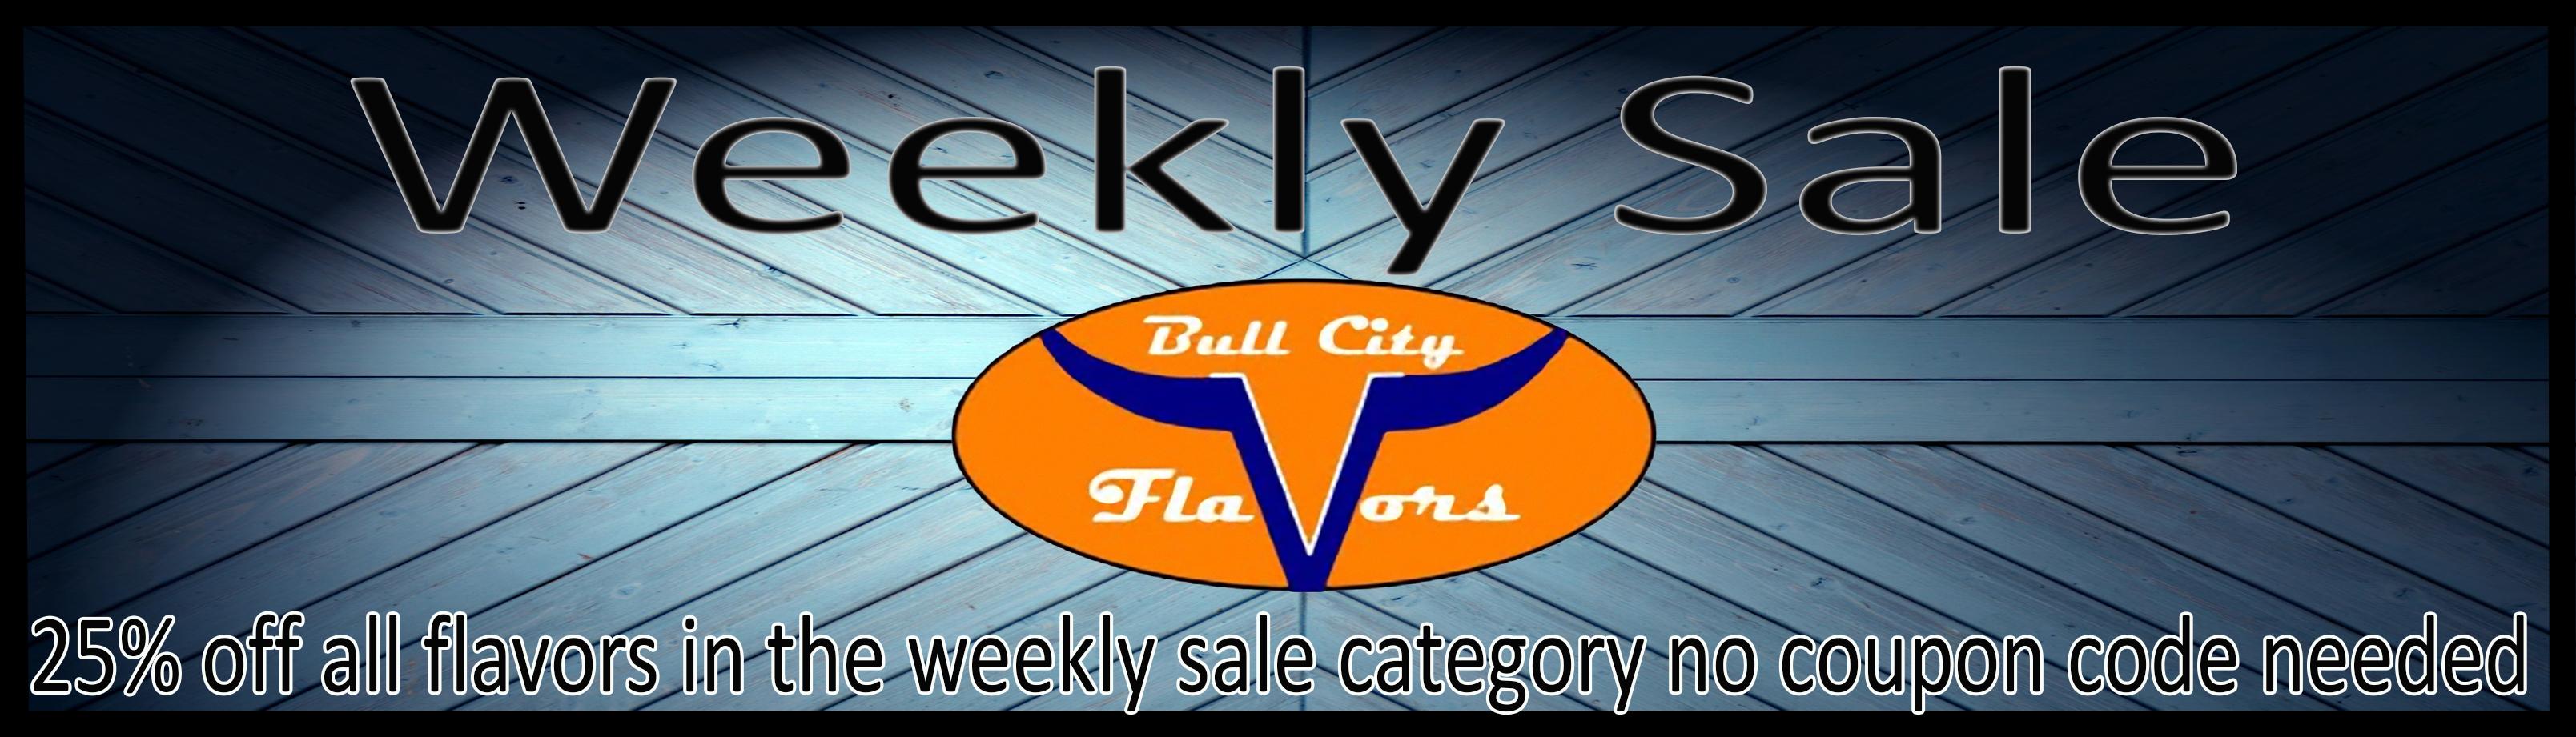 weekly-sale-1.jpg